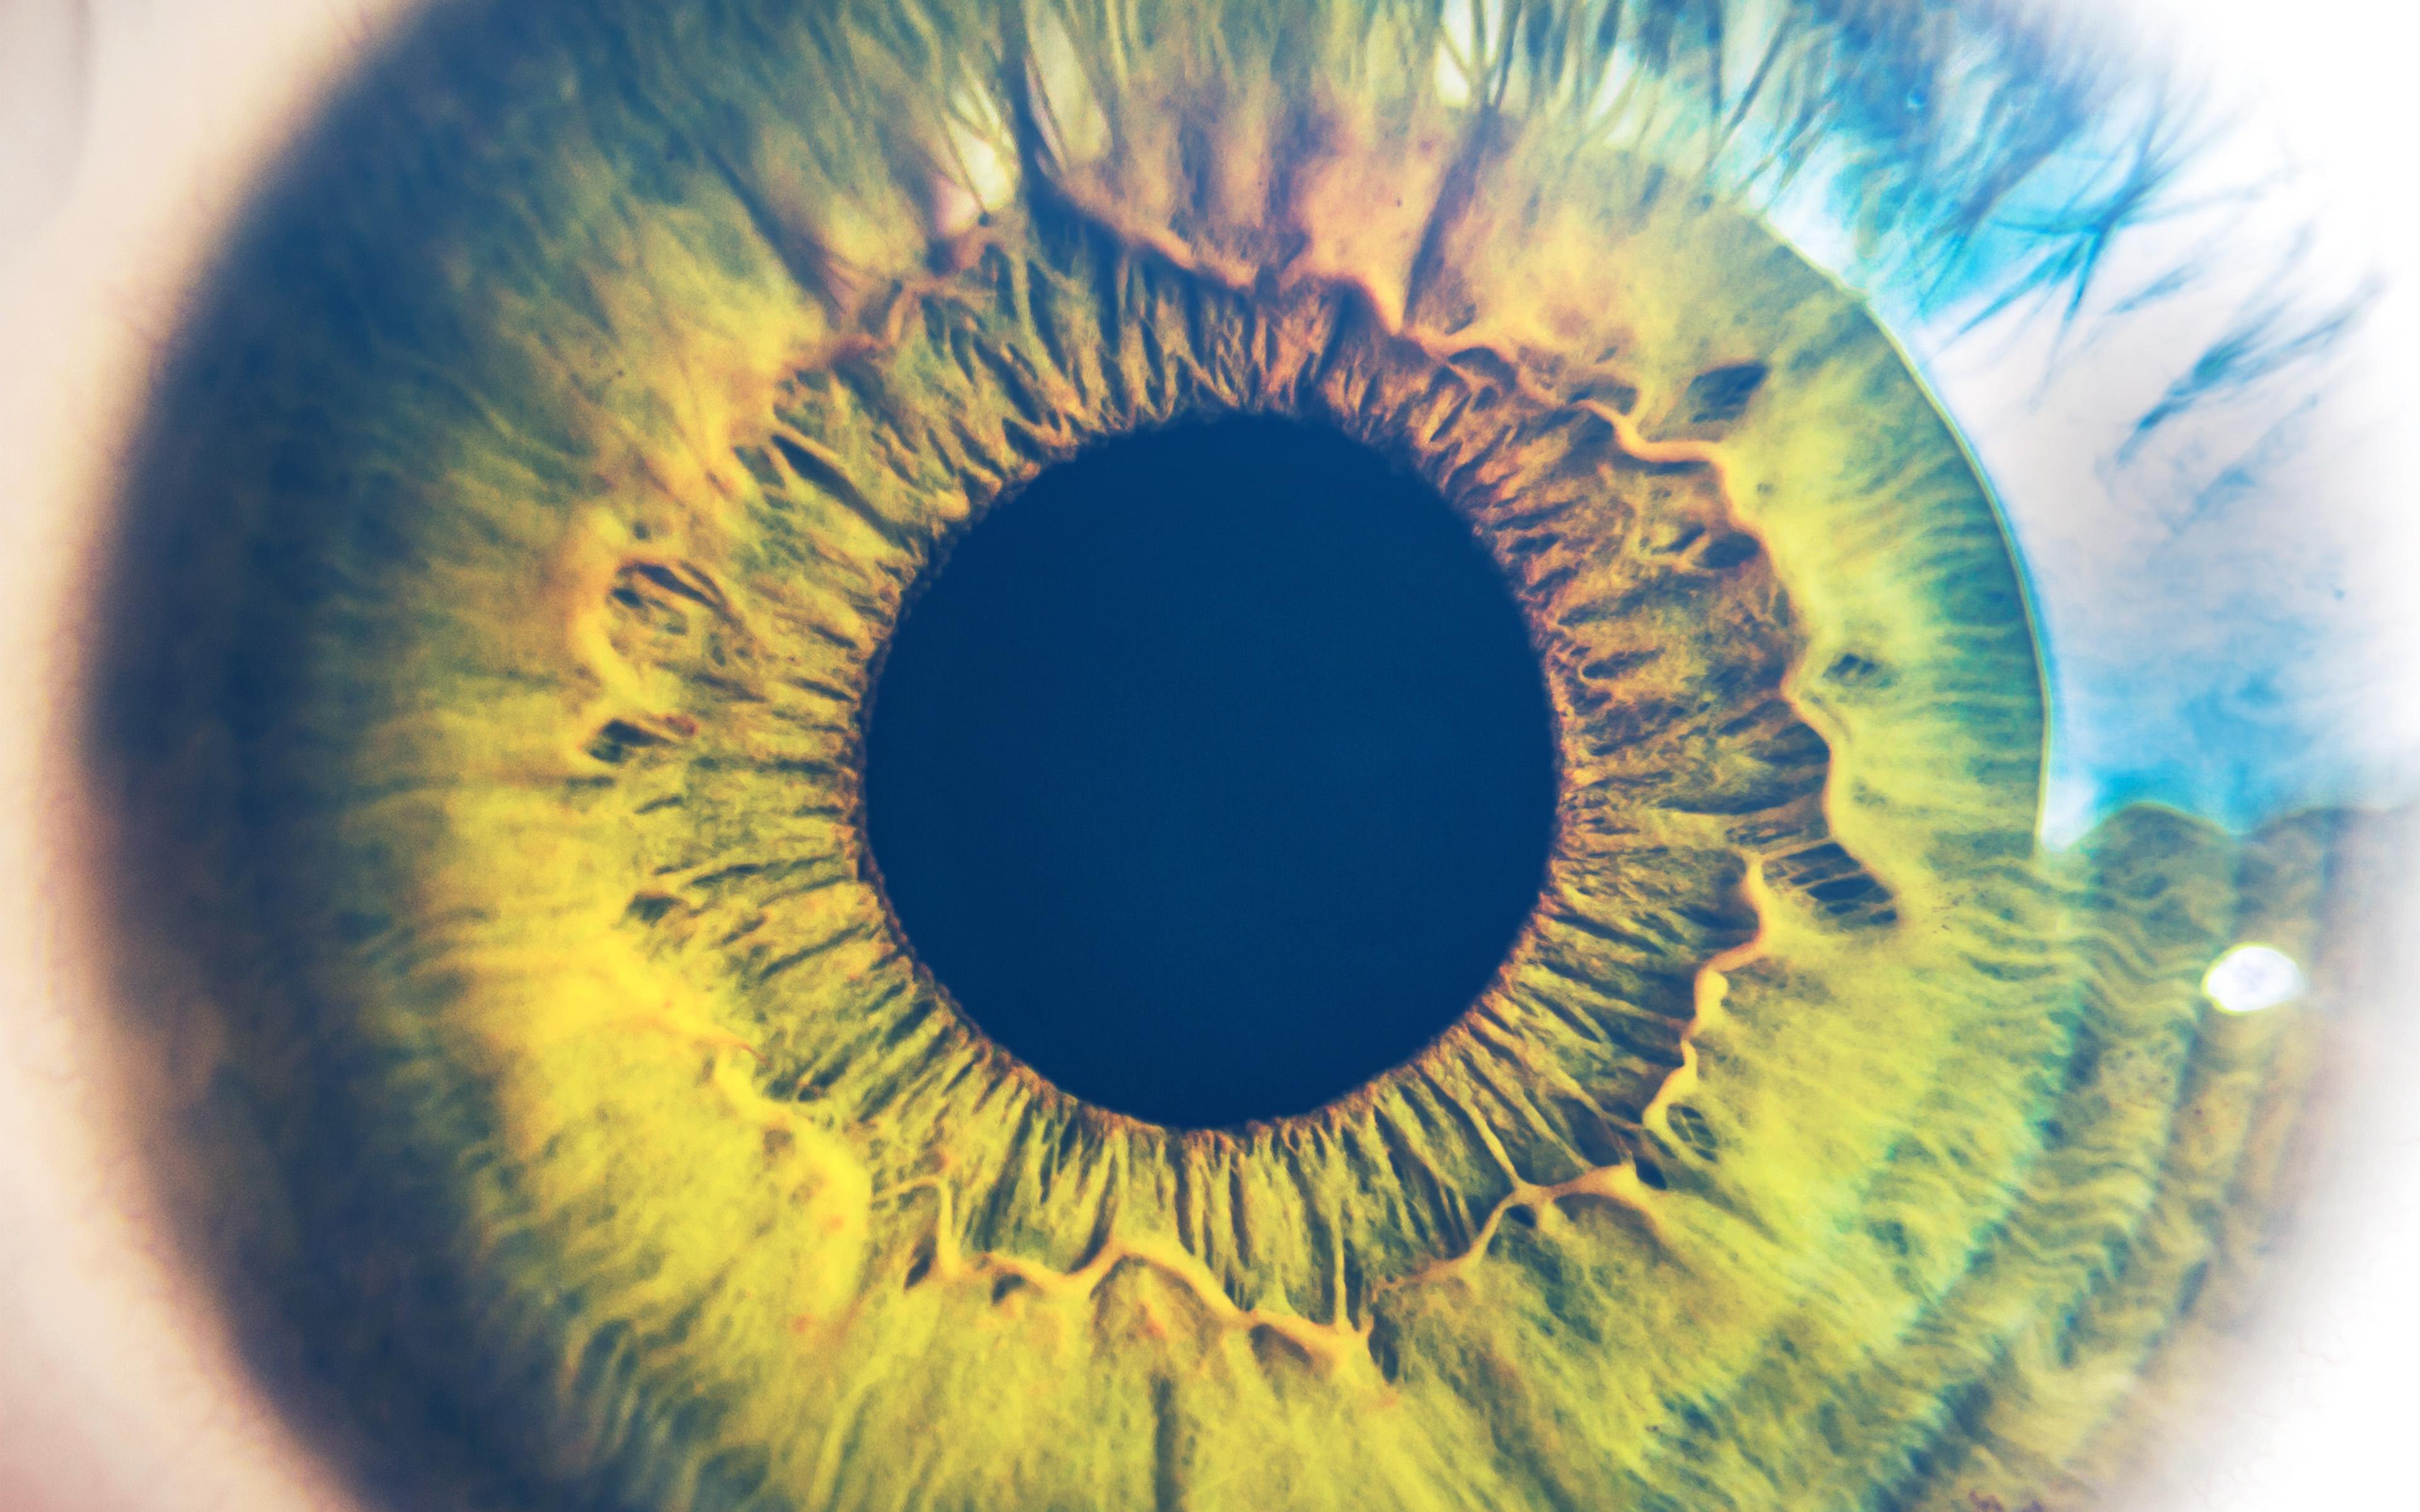 Tratamiento con células madre para la degeneración macular